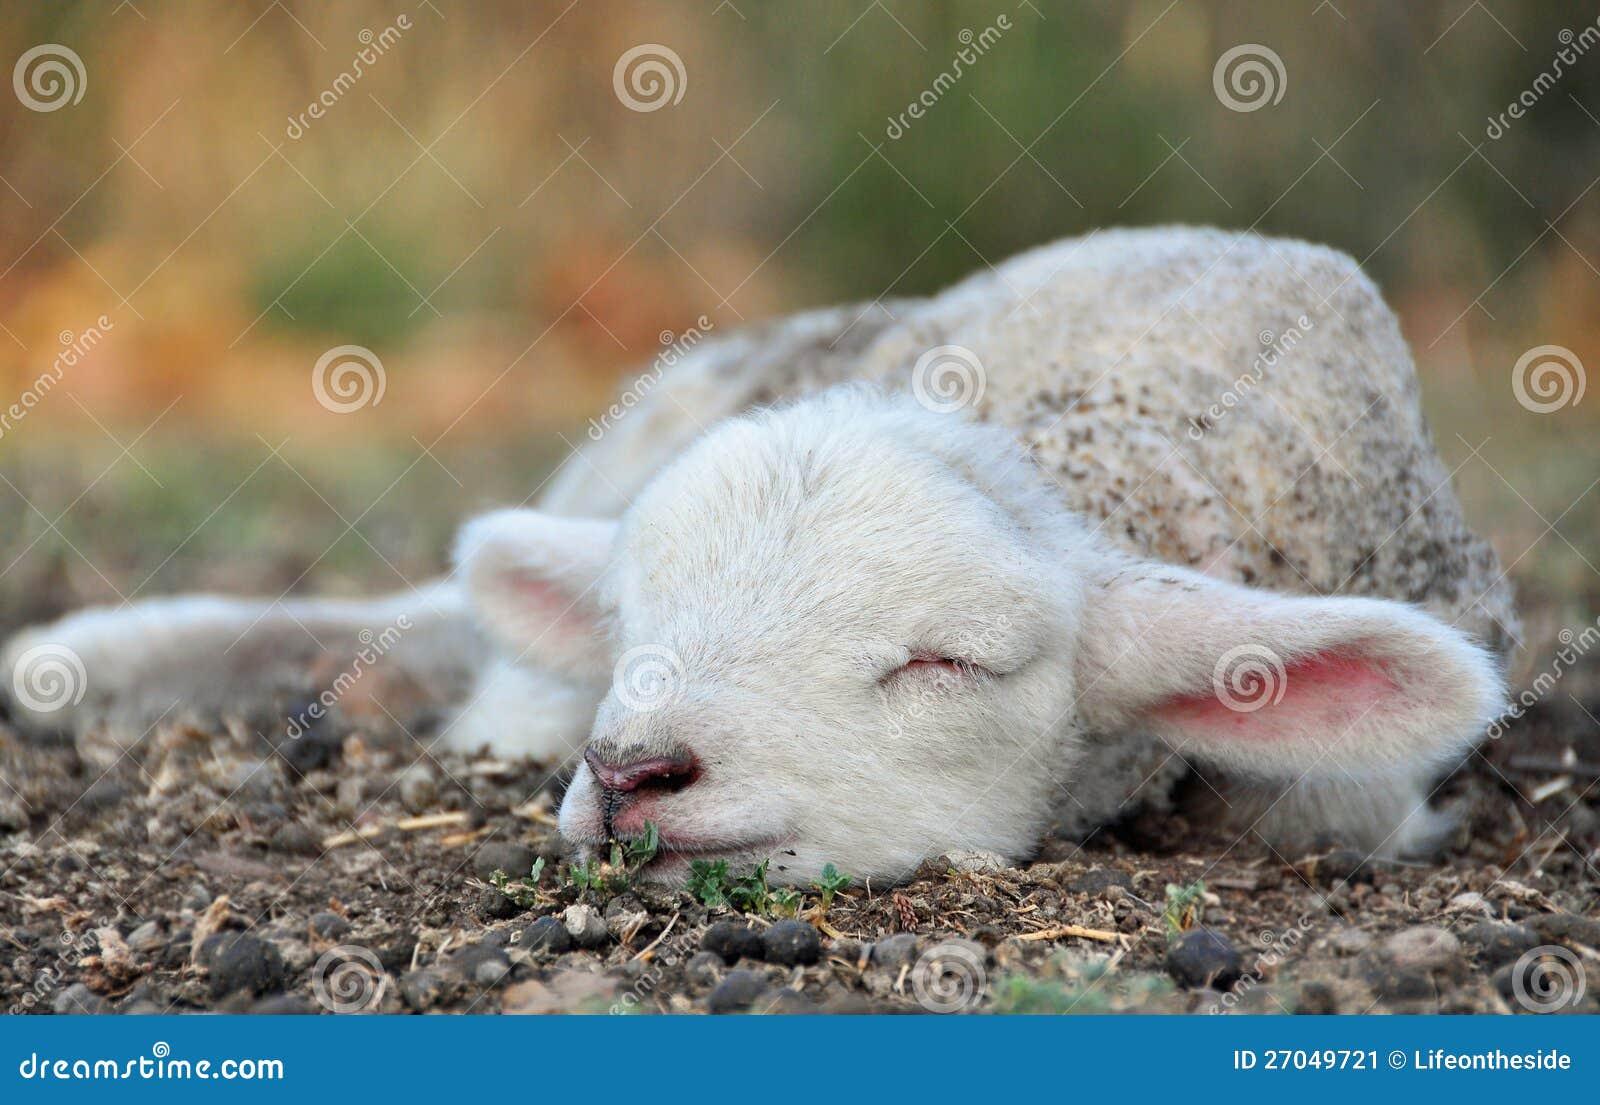 最逗人喜爱的新出生的春天羊羔!